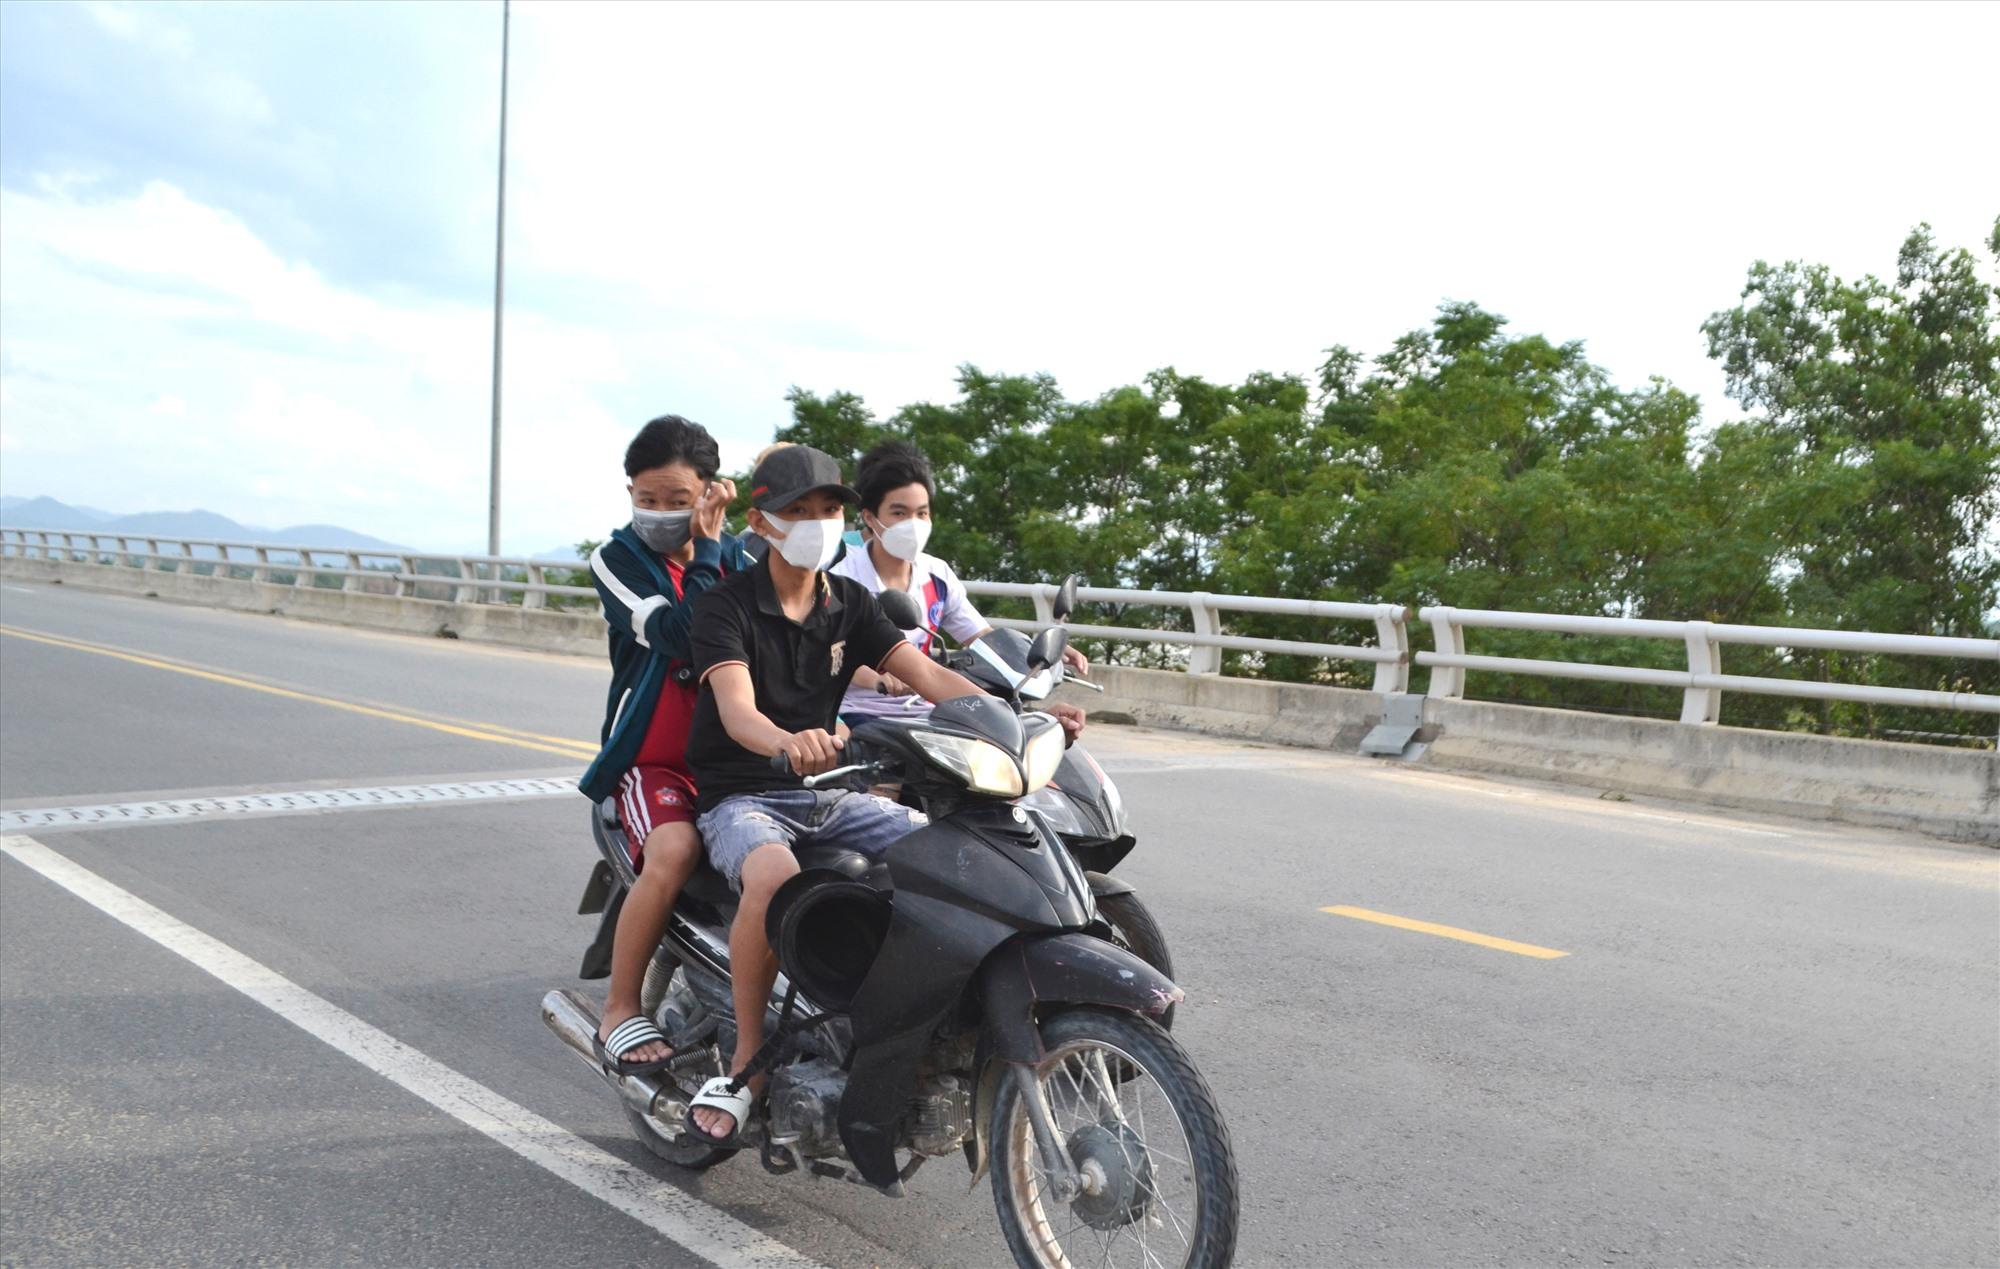 Học sinh chưa đủ tuổi đi xe máy, đầu không đội mũ bảo hiểm là vi phạm pháp luật (ảnh chụp trên cầu Giao Thủy, địa phận Duy Xuyên-Đại Lộc). Ảnh: K.K